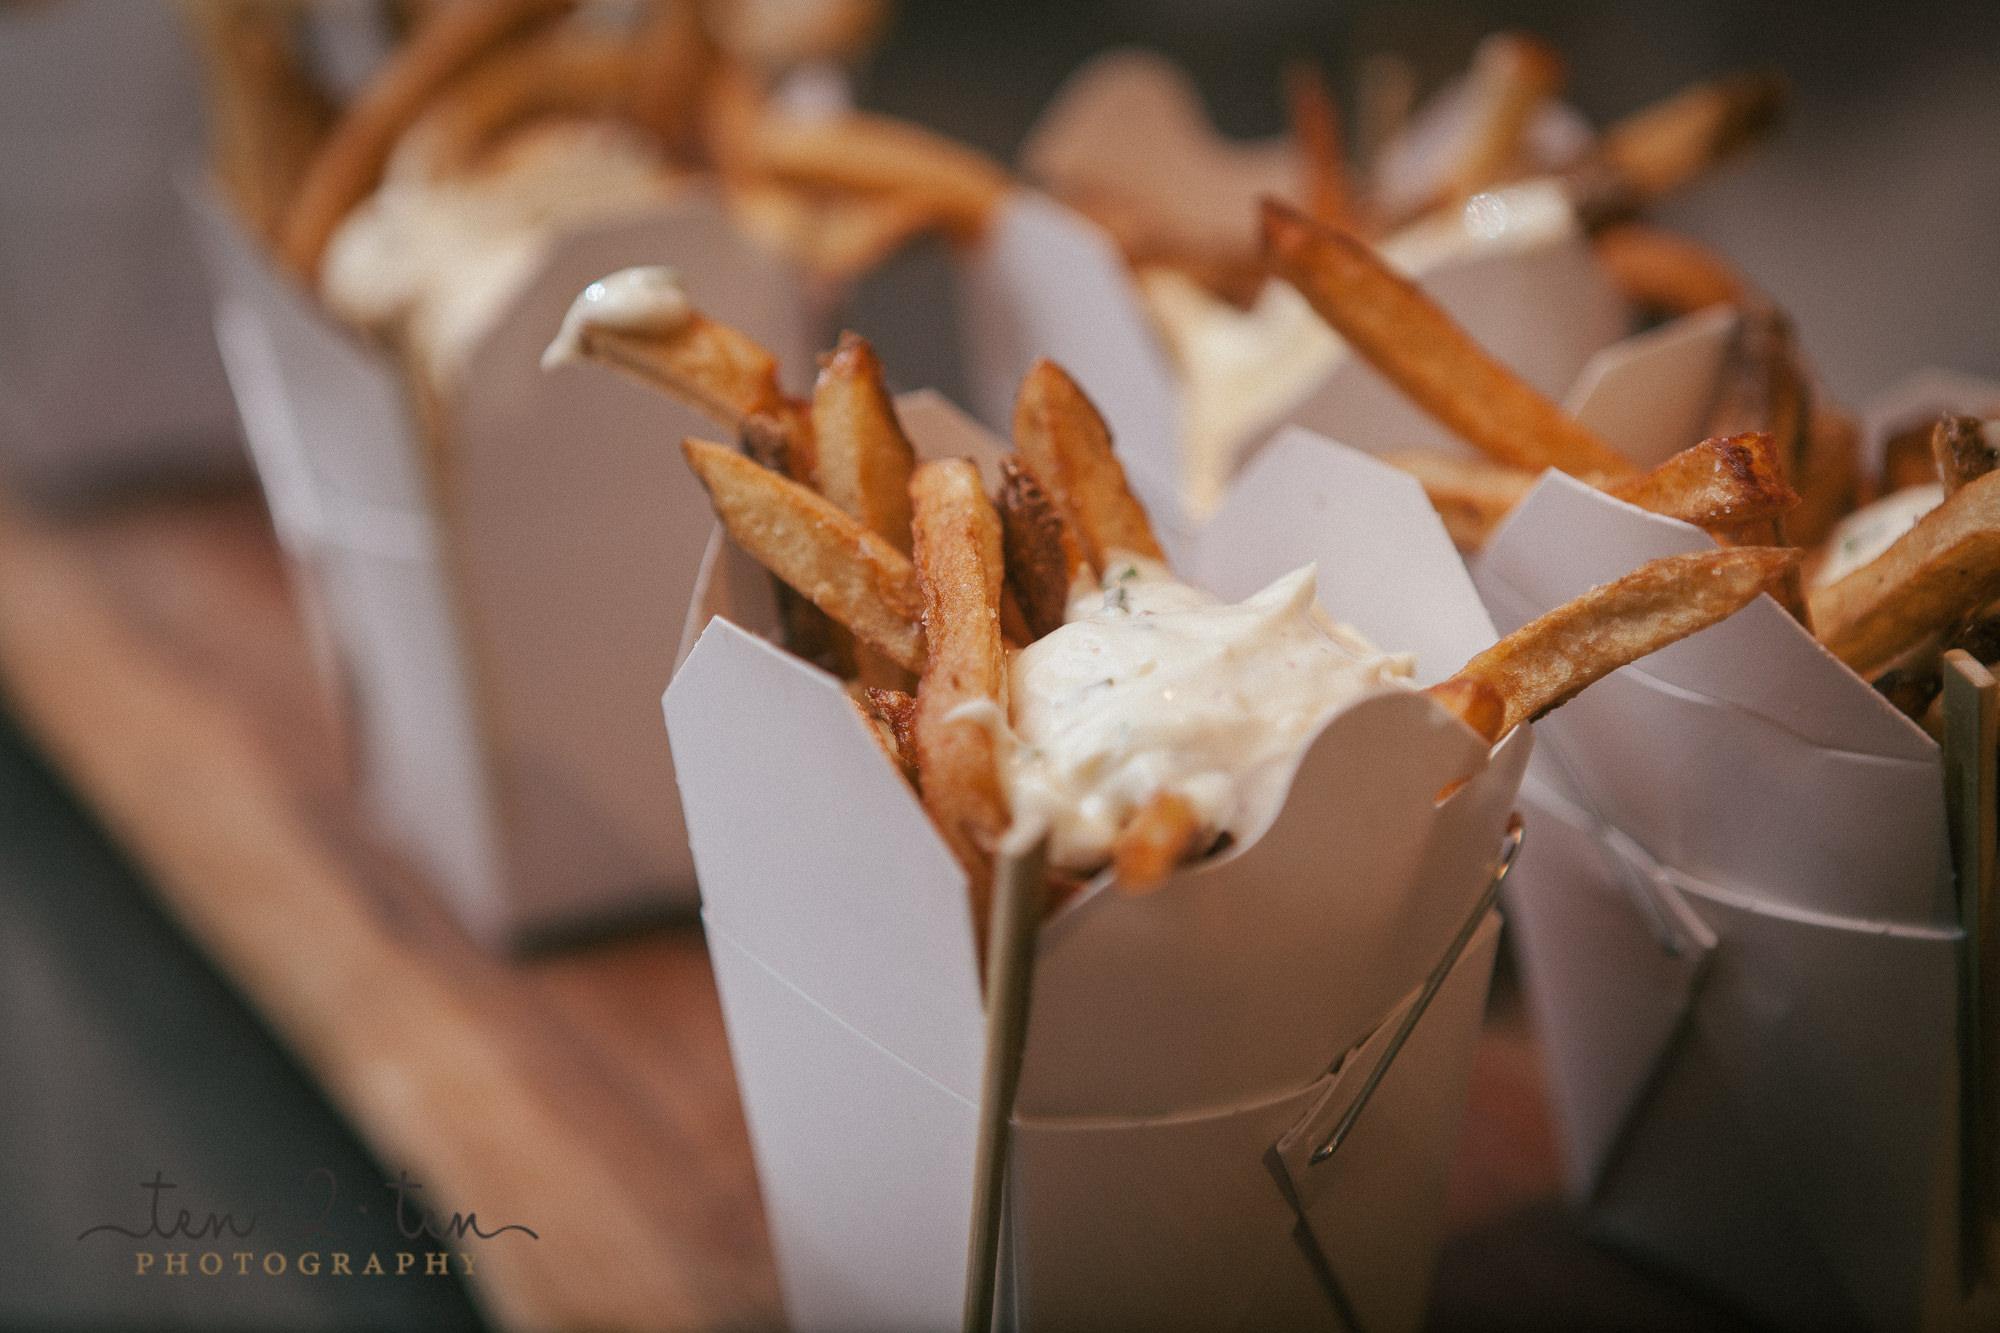 mildreds temple kitchen wedding photos 566 - Mildred's Temple Kitchen Wedding Photos